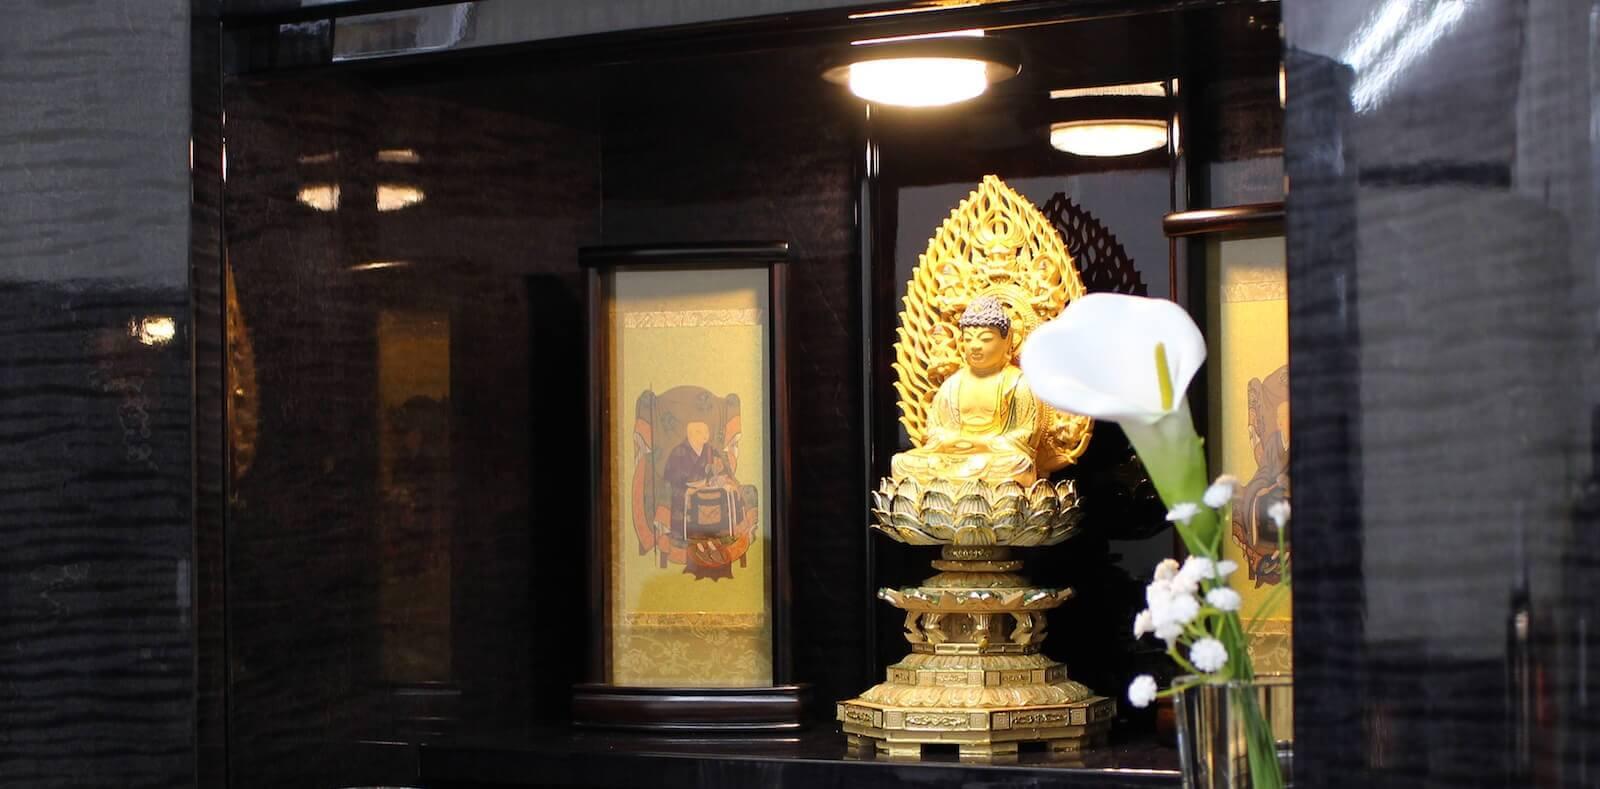 光でアレンジされたコンパクトなお仏壇